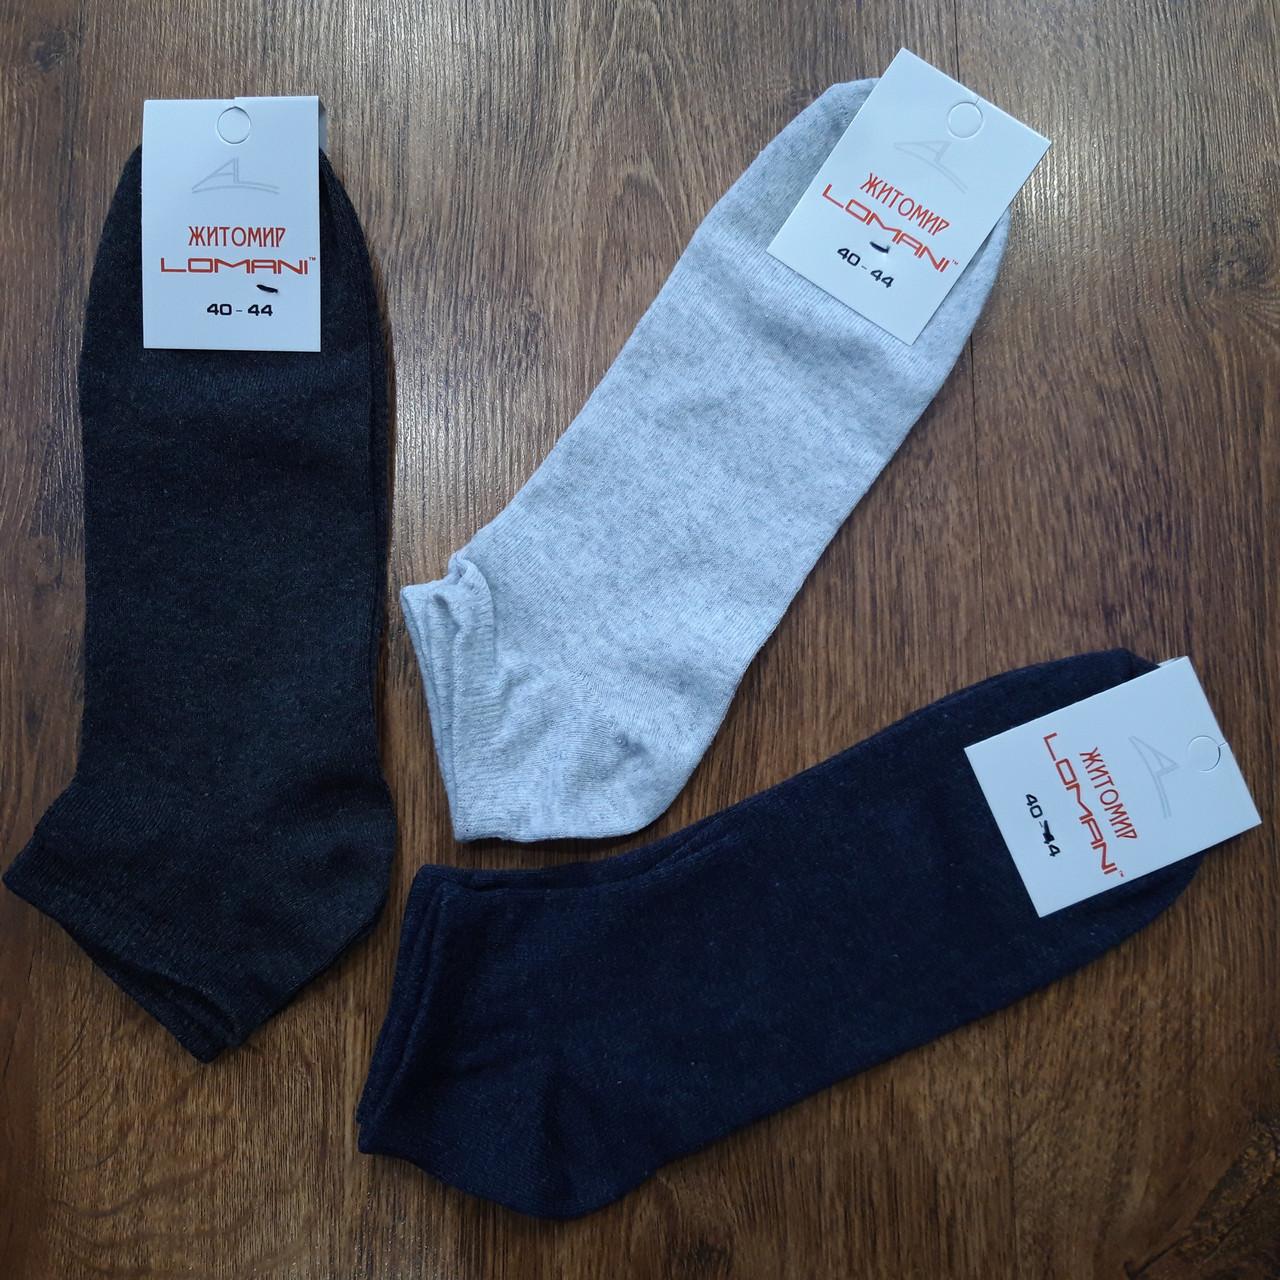 """Короткі чоловічі стрейчеві шкарпетки""""LOMANI,Україна""""27-29(40-44)"""